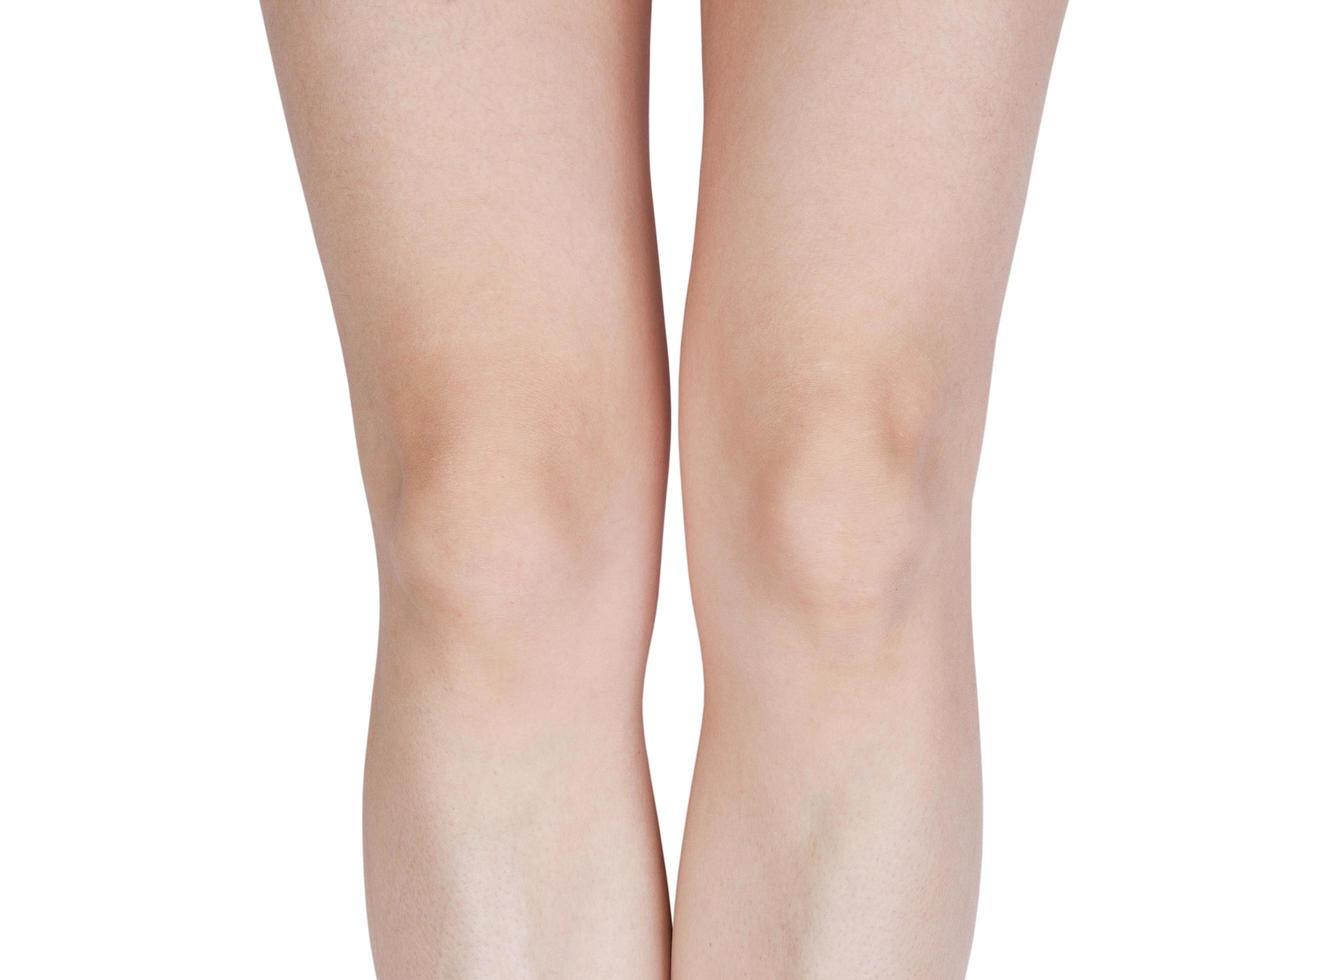 détail des jambes avec genoux photo